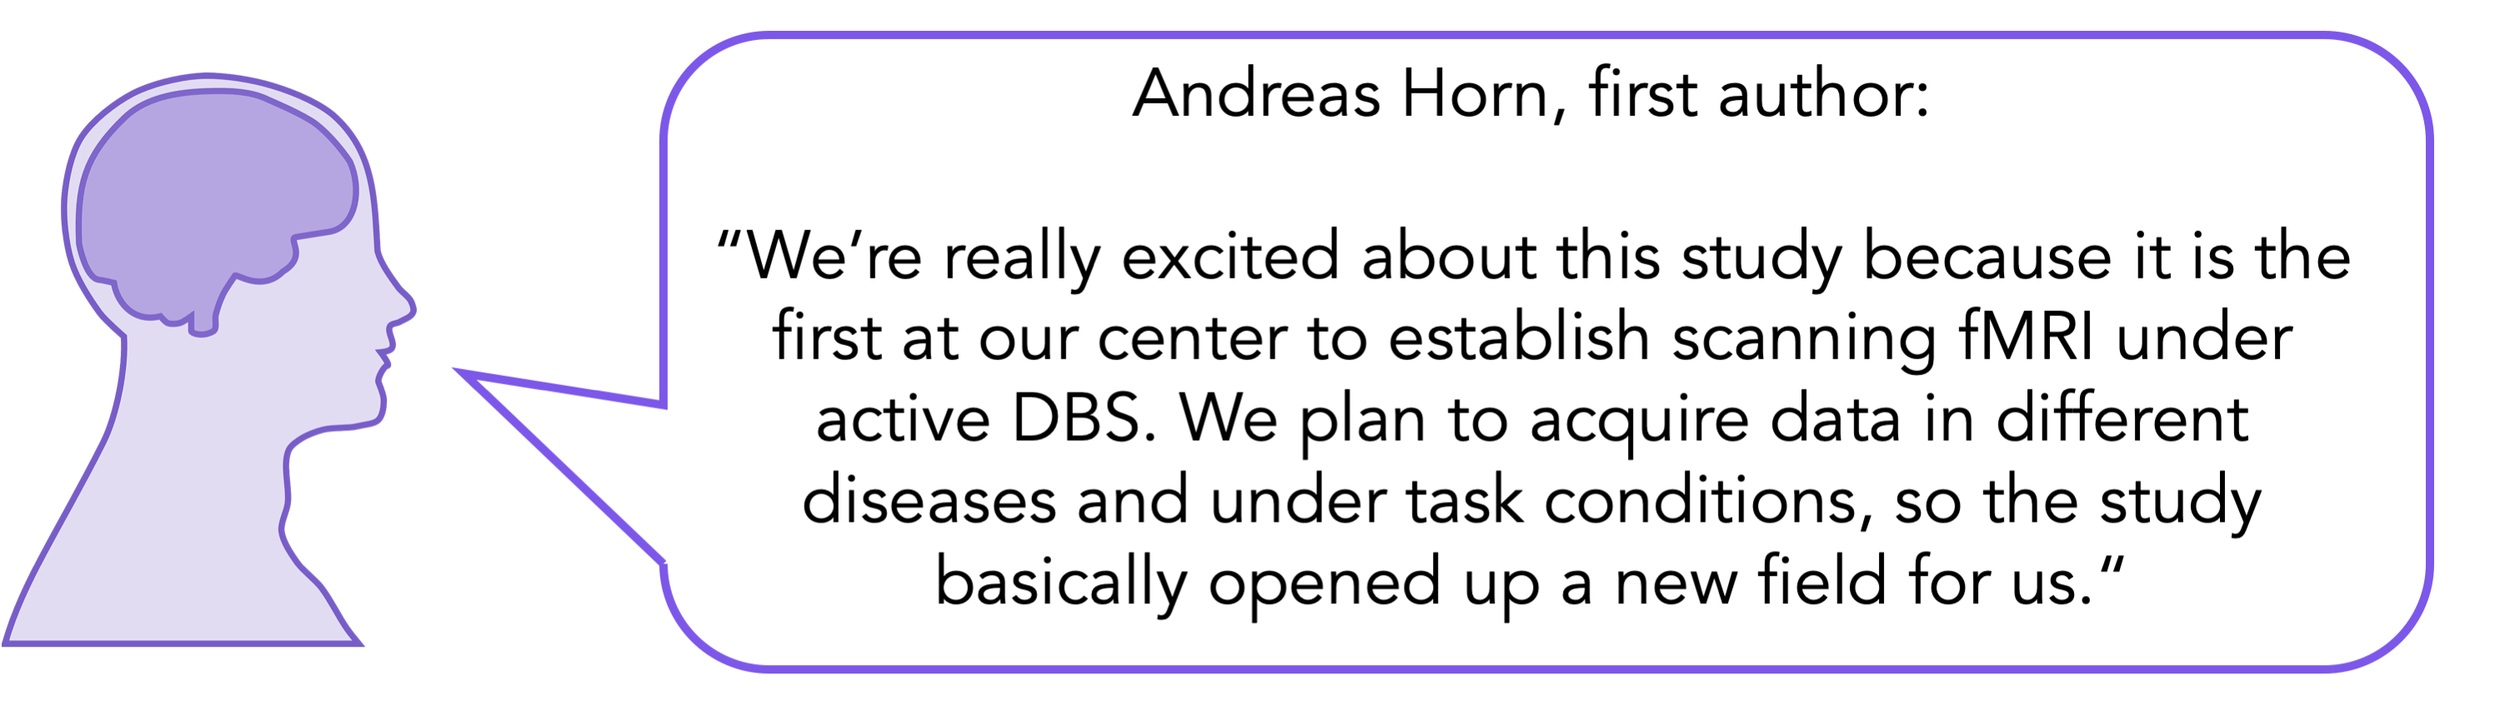 DBS_quote.jpg